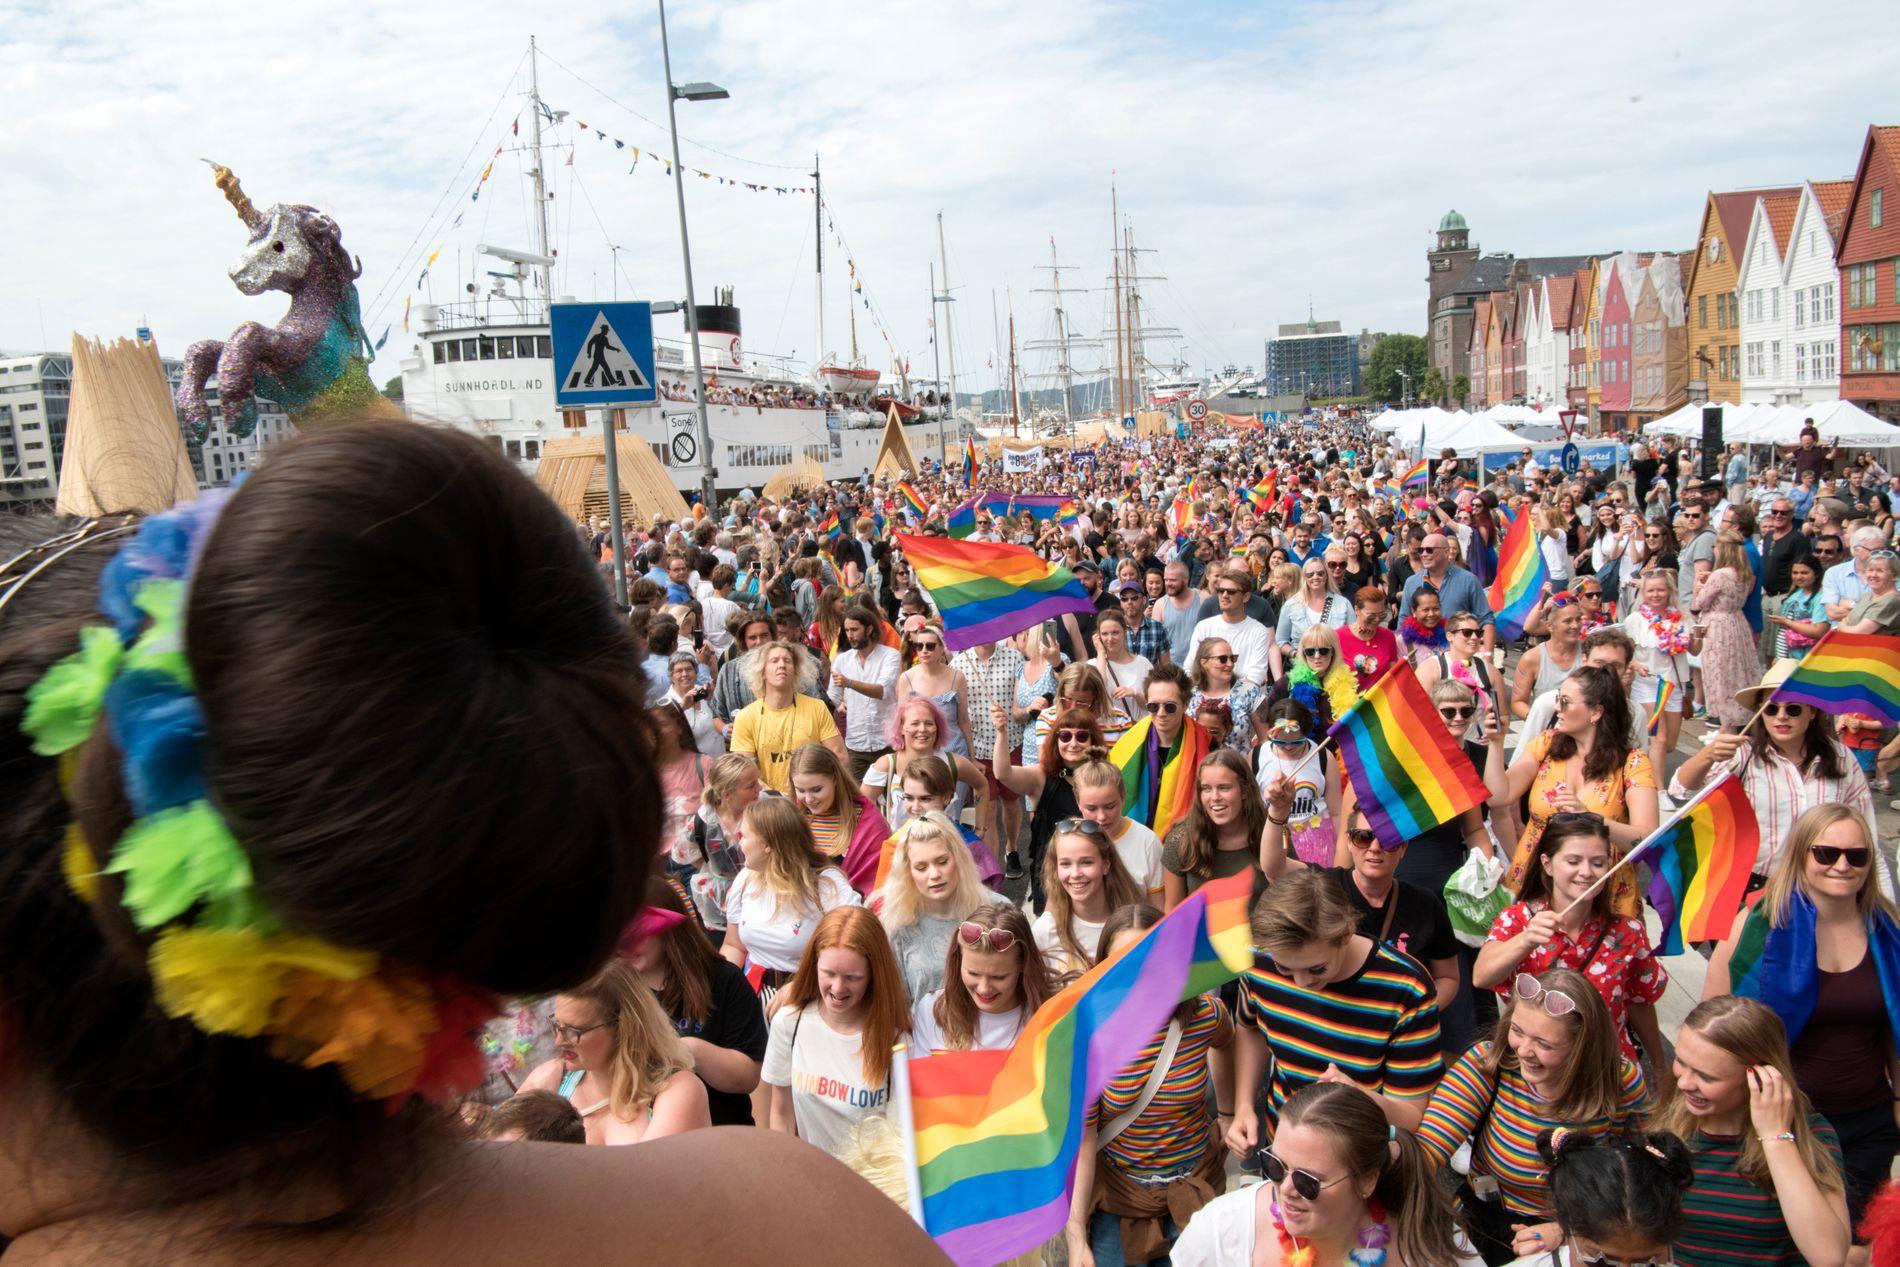 HAR SNUDD: Frp støtter helhjertet opp om homosaken, ifølge innsenderne. Bildet er fra sommerens Pride-arrangement i Bergen.